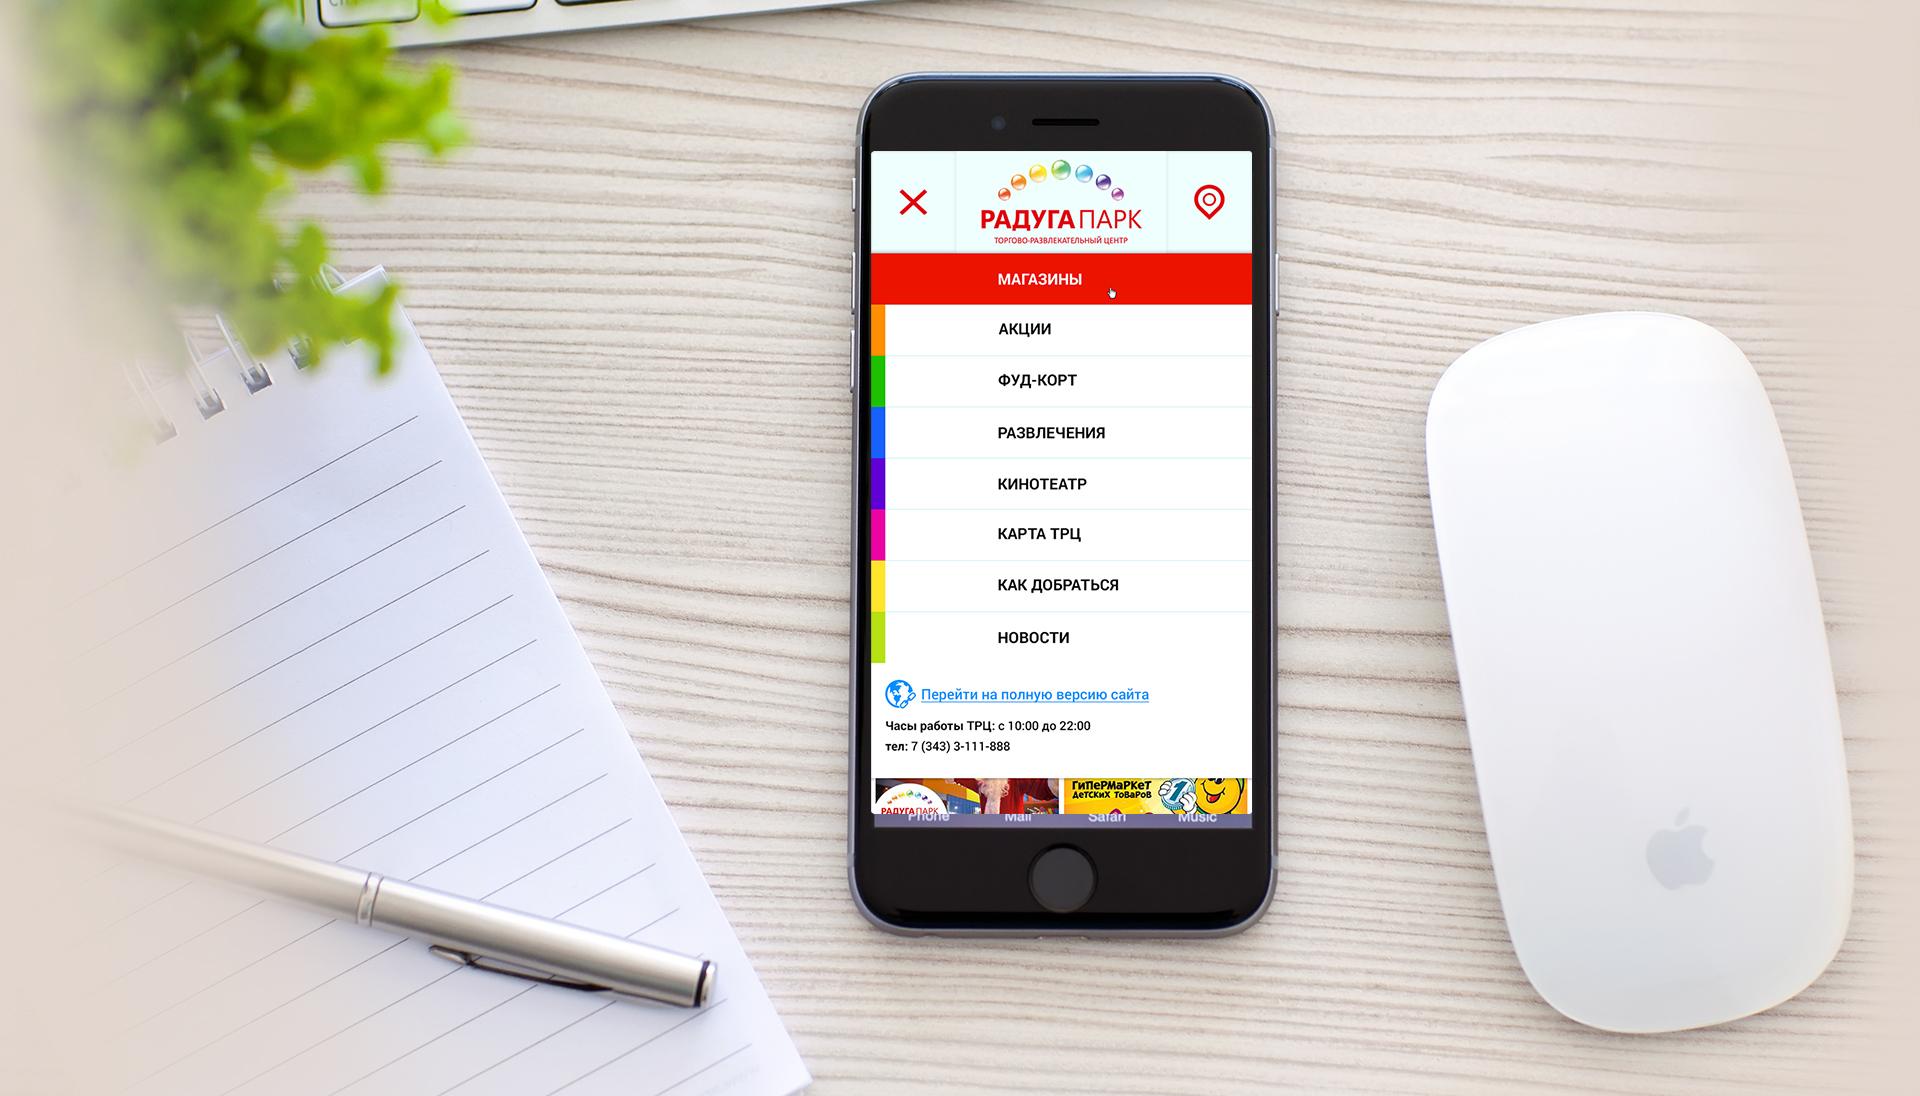 Как сделать мобильную версию сайта на андроид